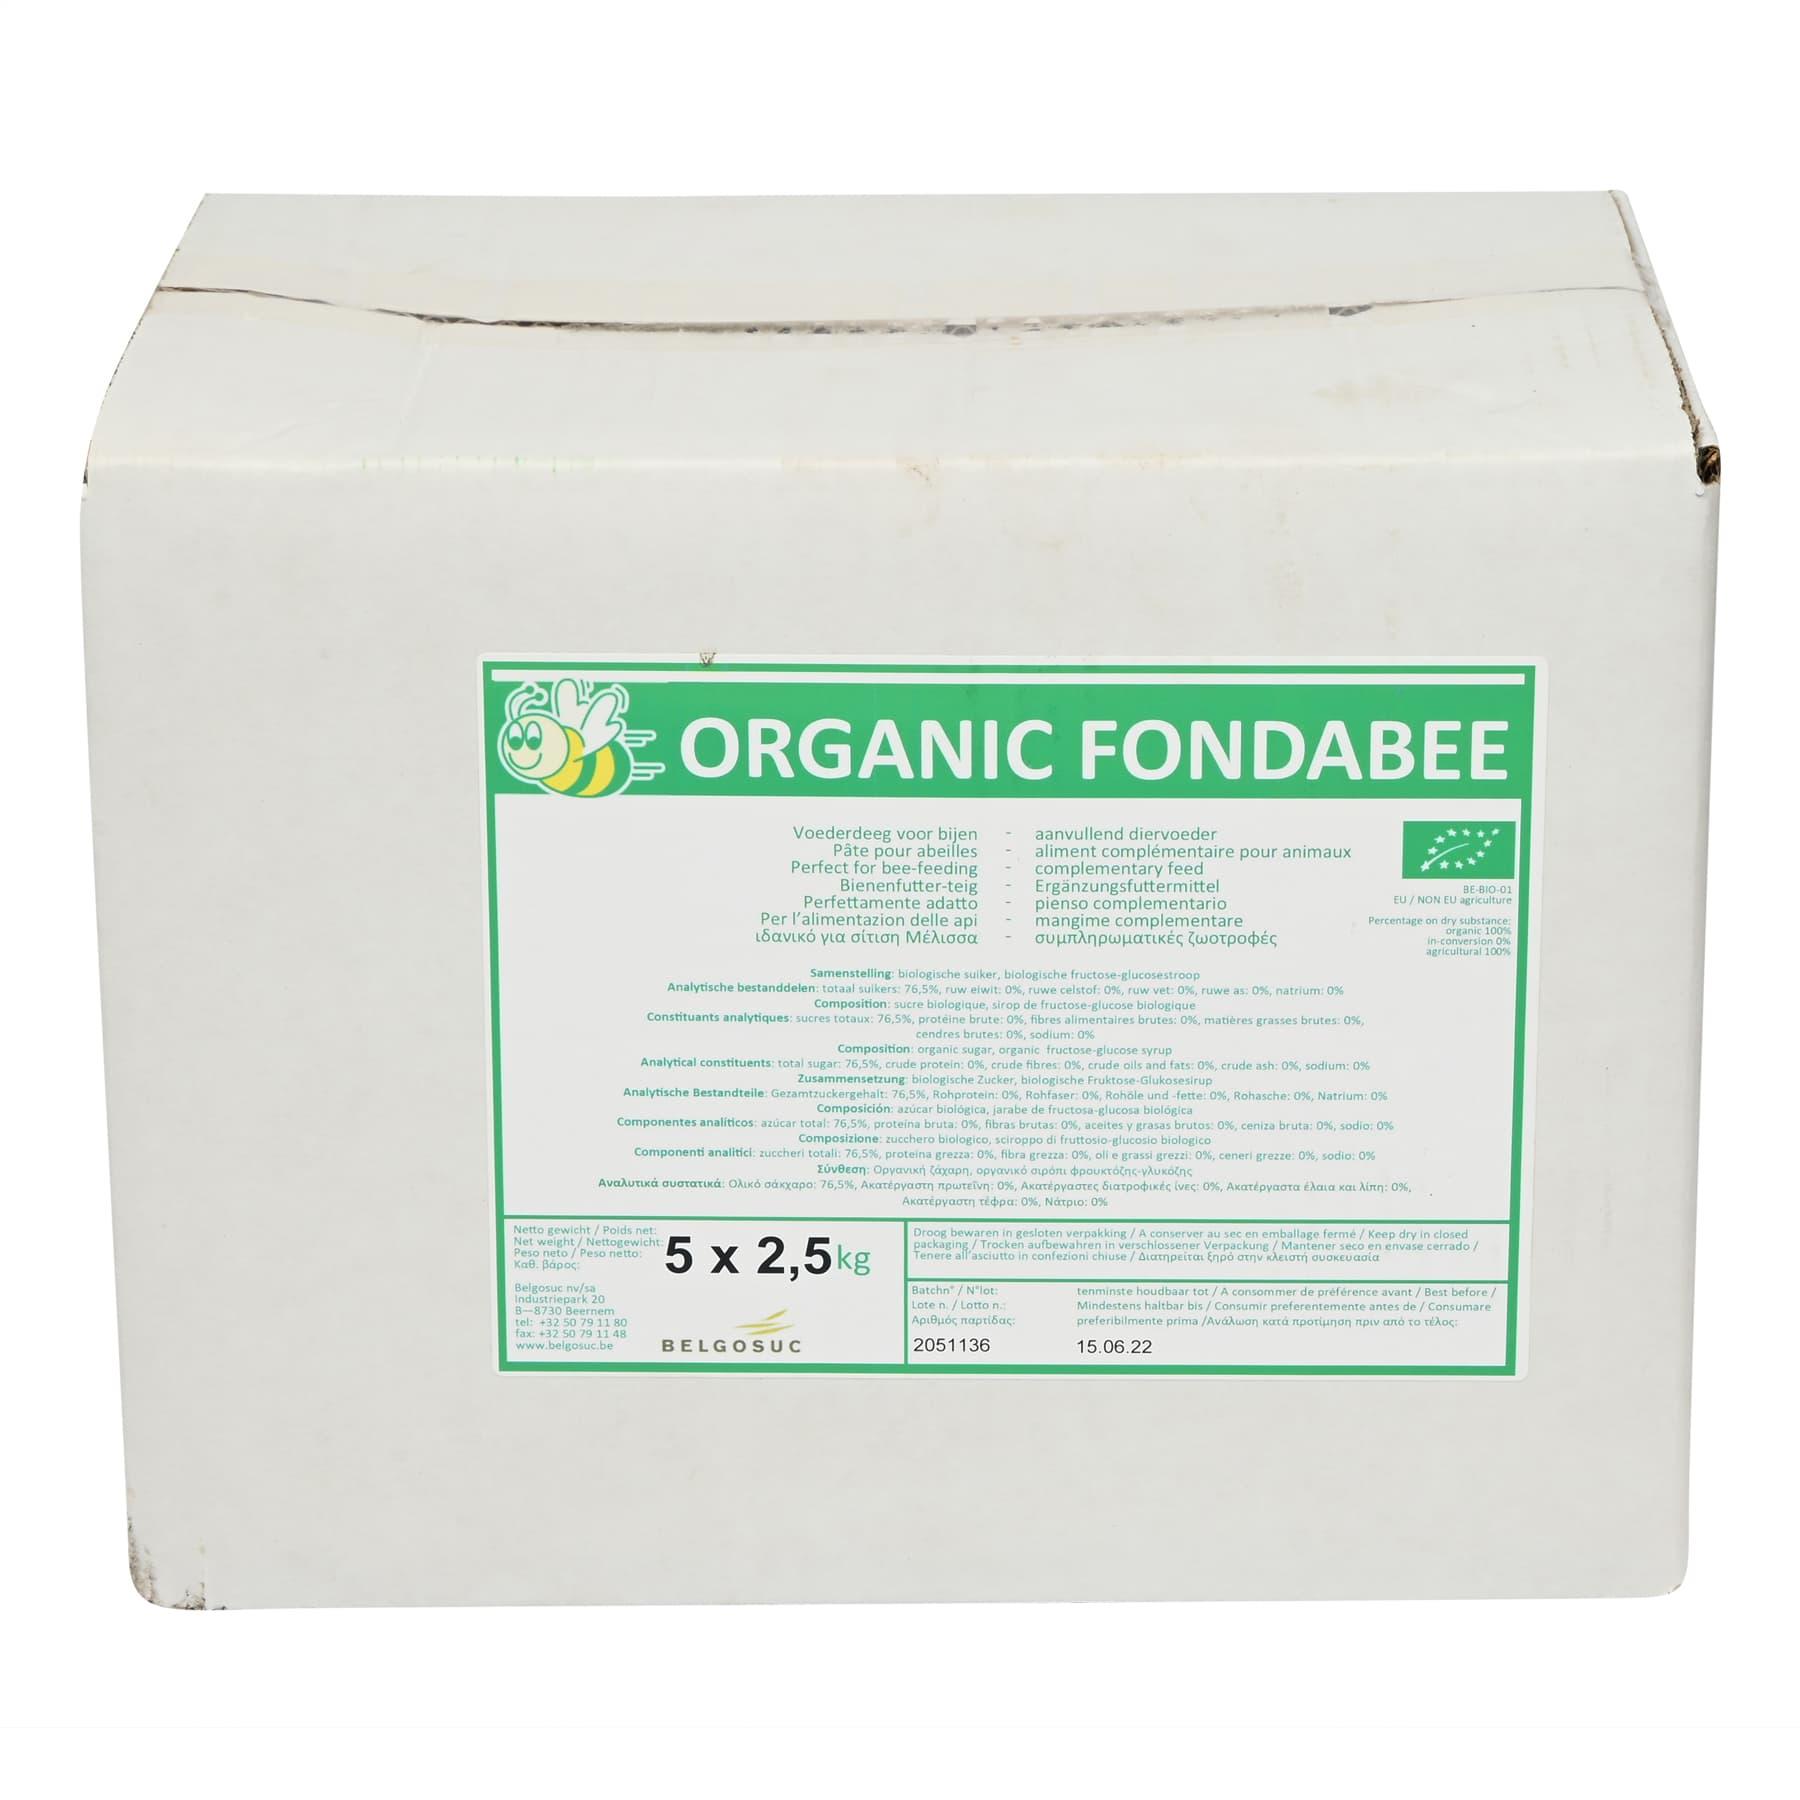 Bio Fondabee 12,5 Kg Karton , unsere Öko Kontrollnr.DE-ÖKO-034